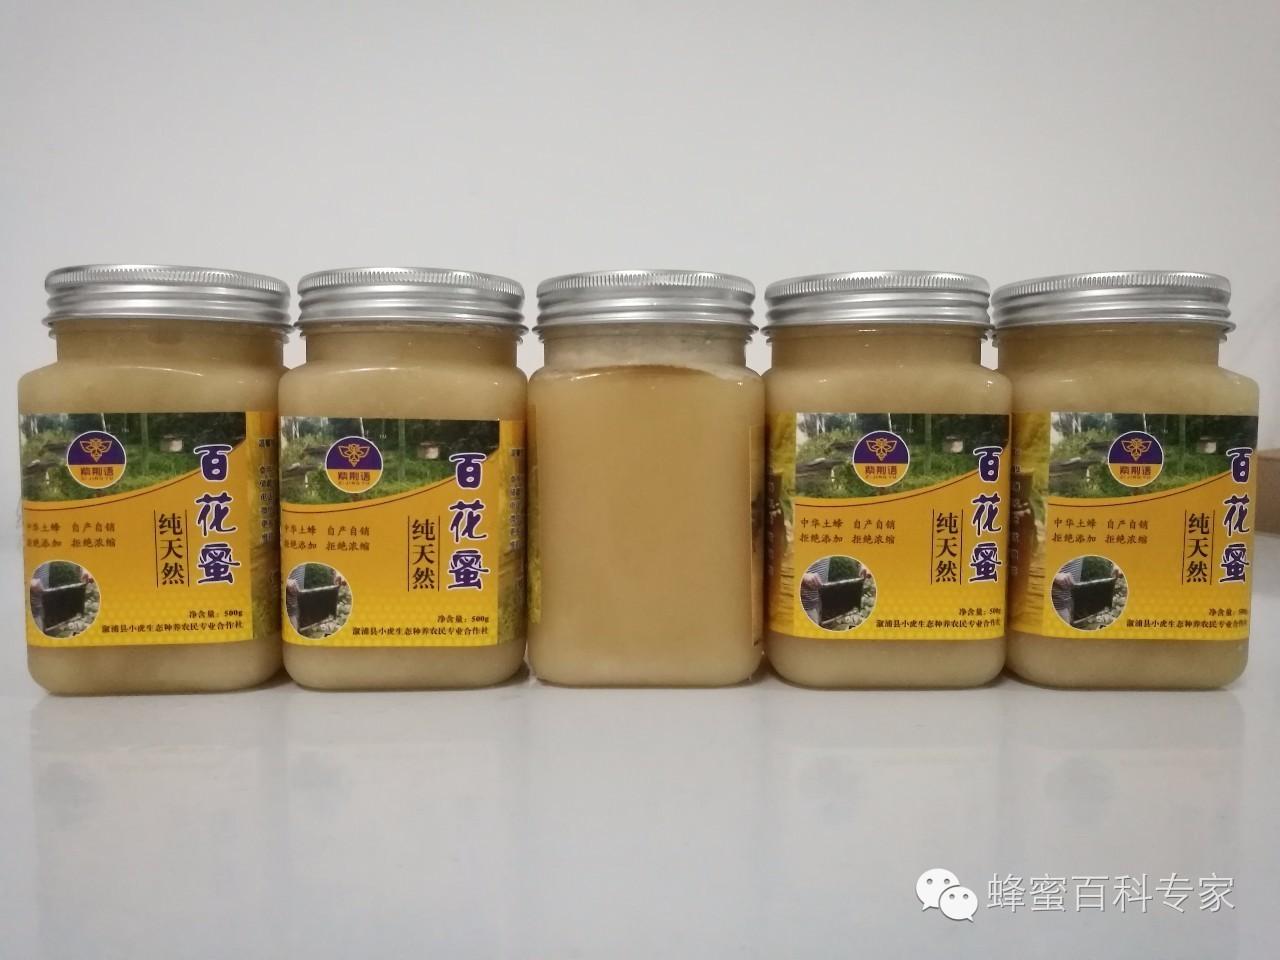 蜂蜜什么时候喝最好 结晶蜂蜜 柠檬蜂蜜水的功效 蜂蜜有什么功效 哪一种蜂蜜好